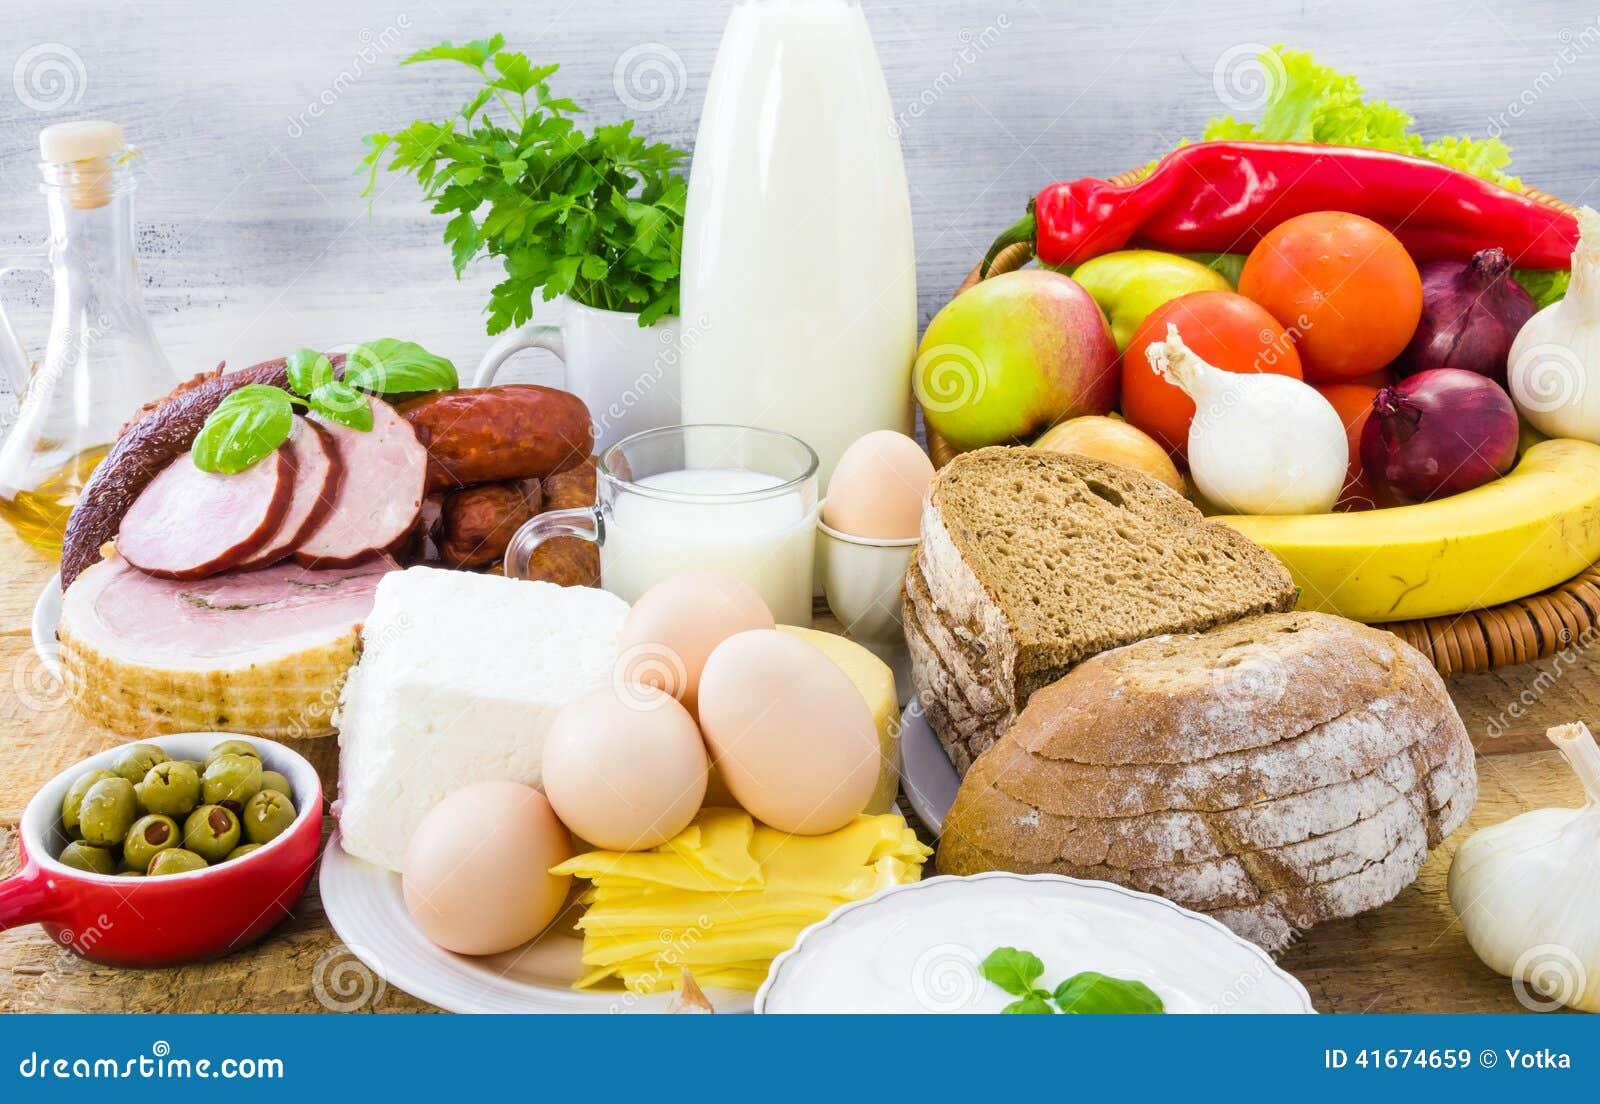 Διάφορο κρέας ψωμιού γαλακτοκομικών προϊόντων τροφίμων